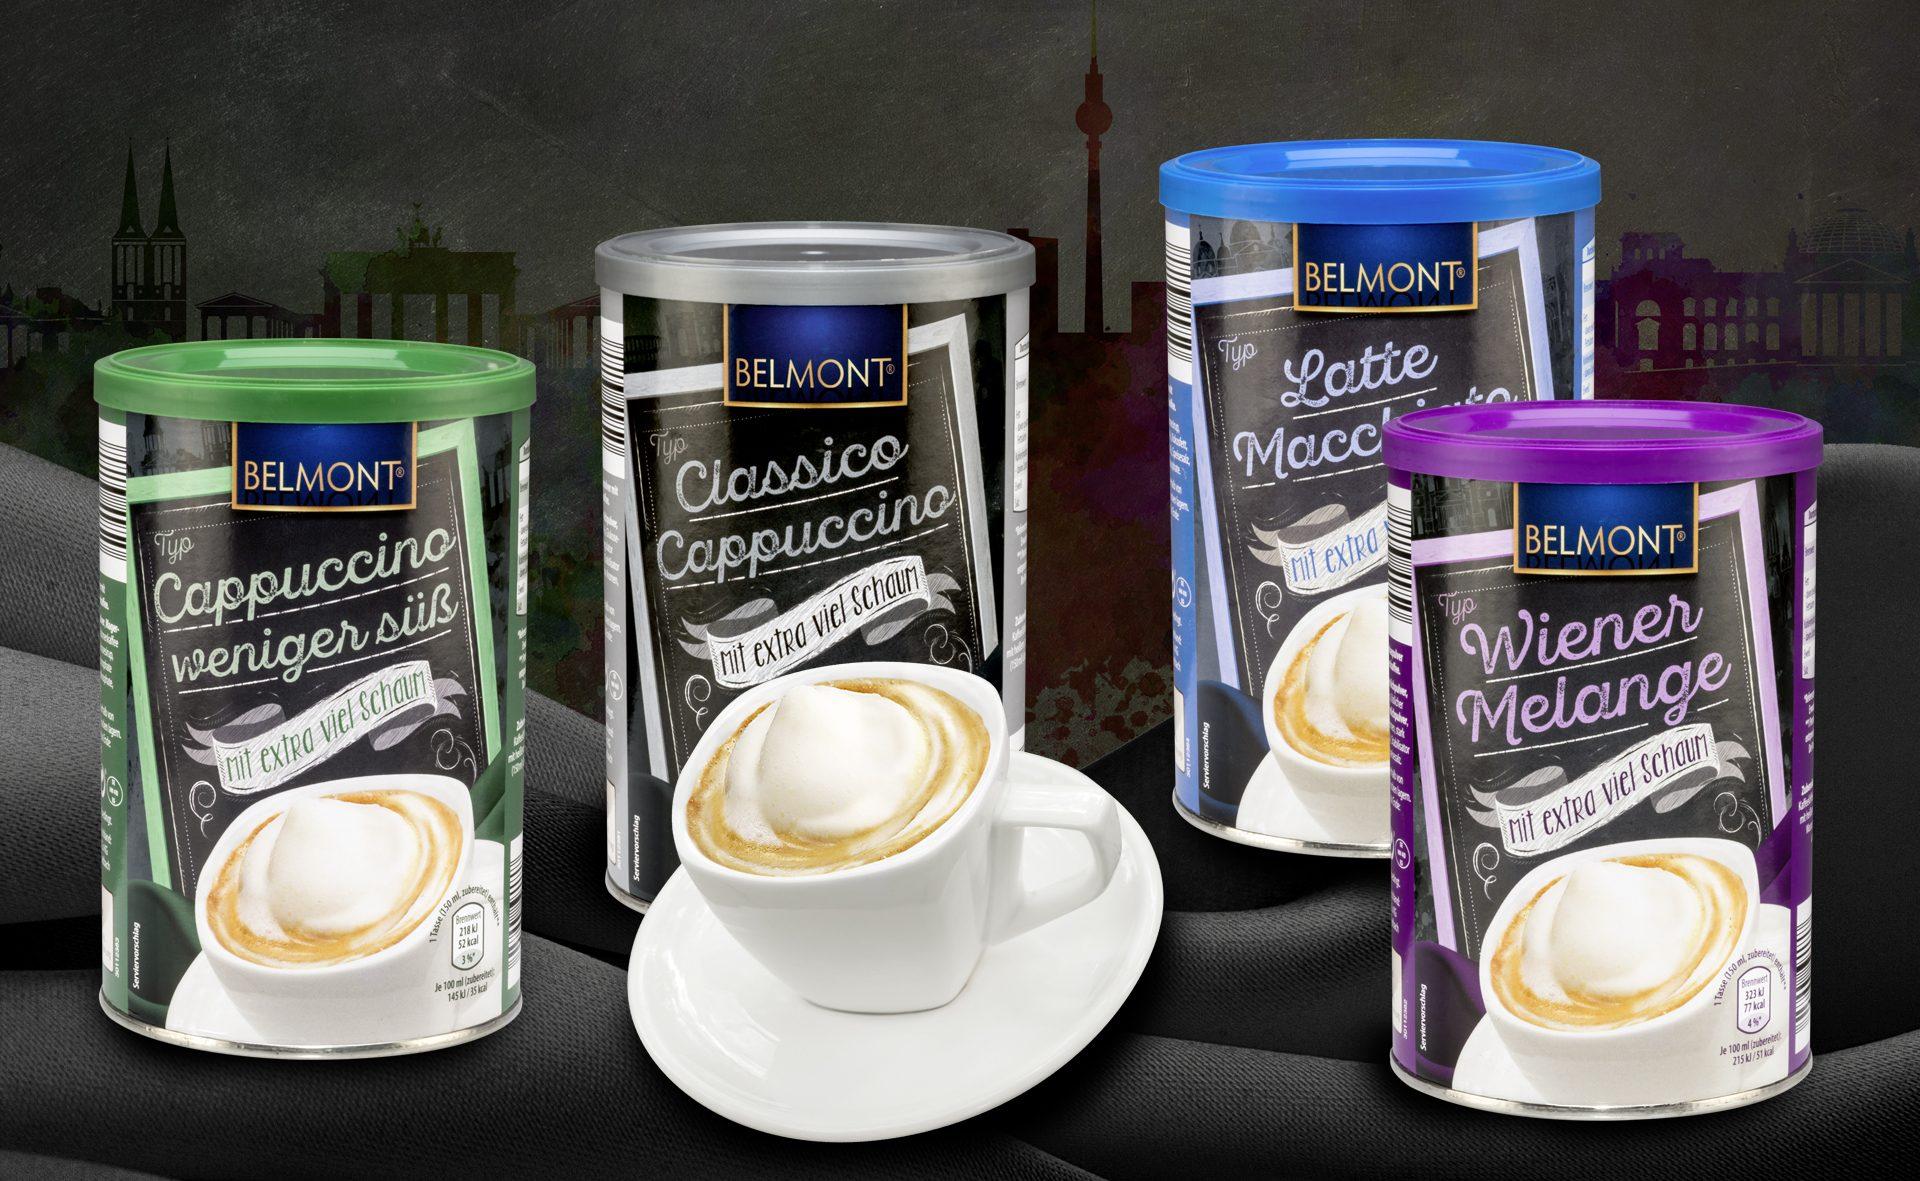 Verpackungsdesign Malvega: Belmont Cappuccino